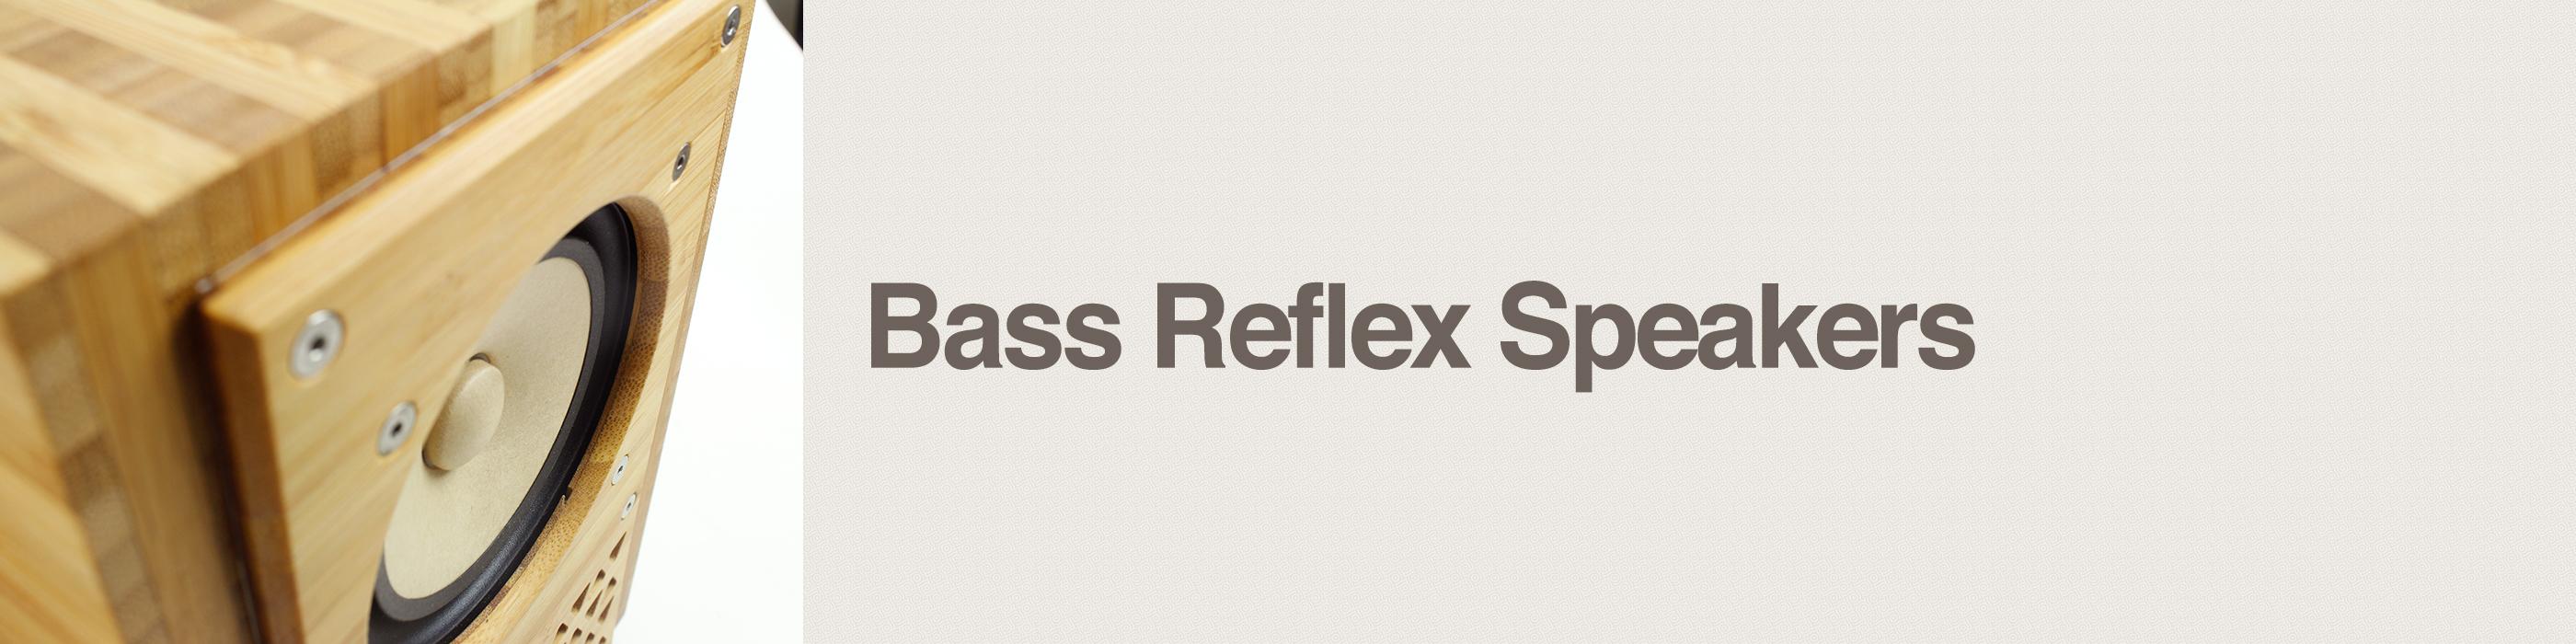 bass reflex speakers header